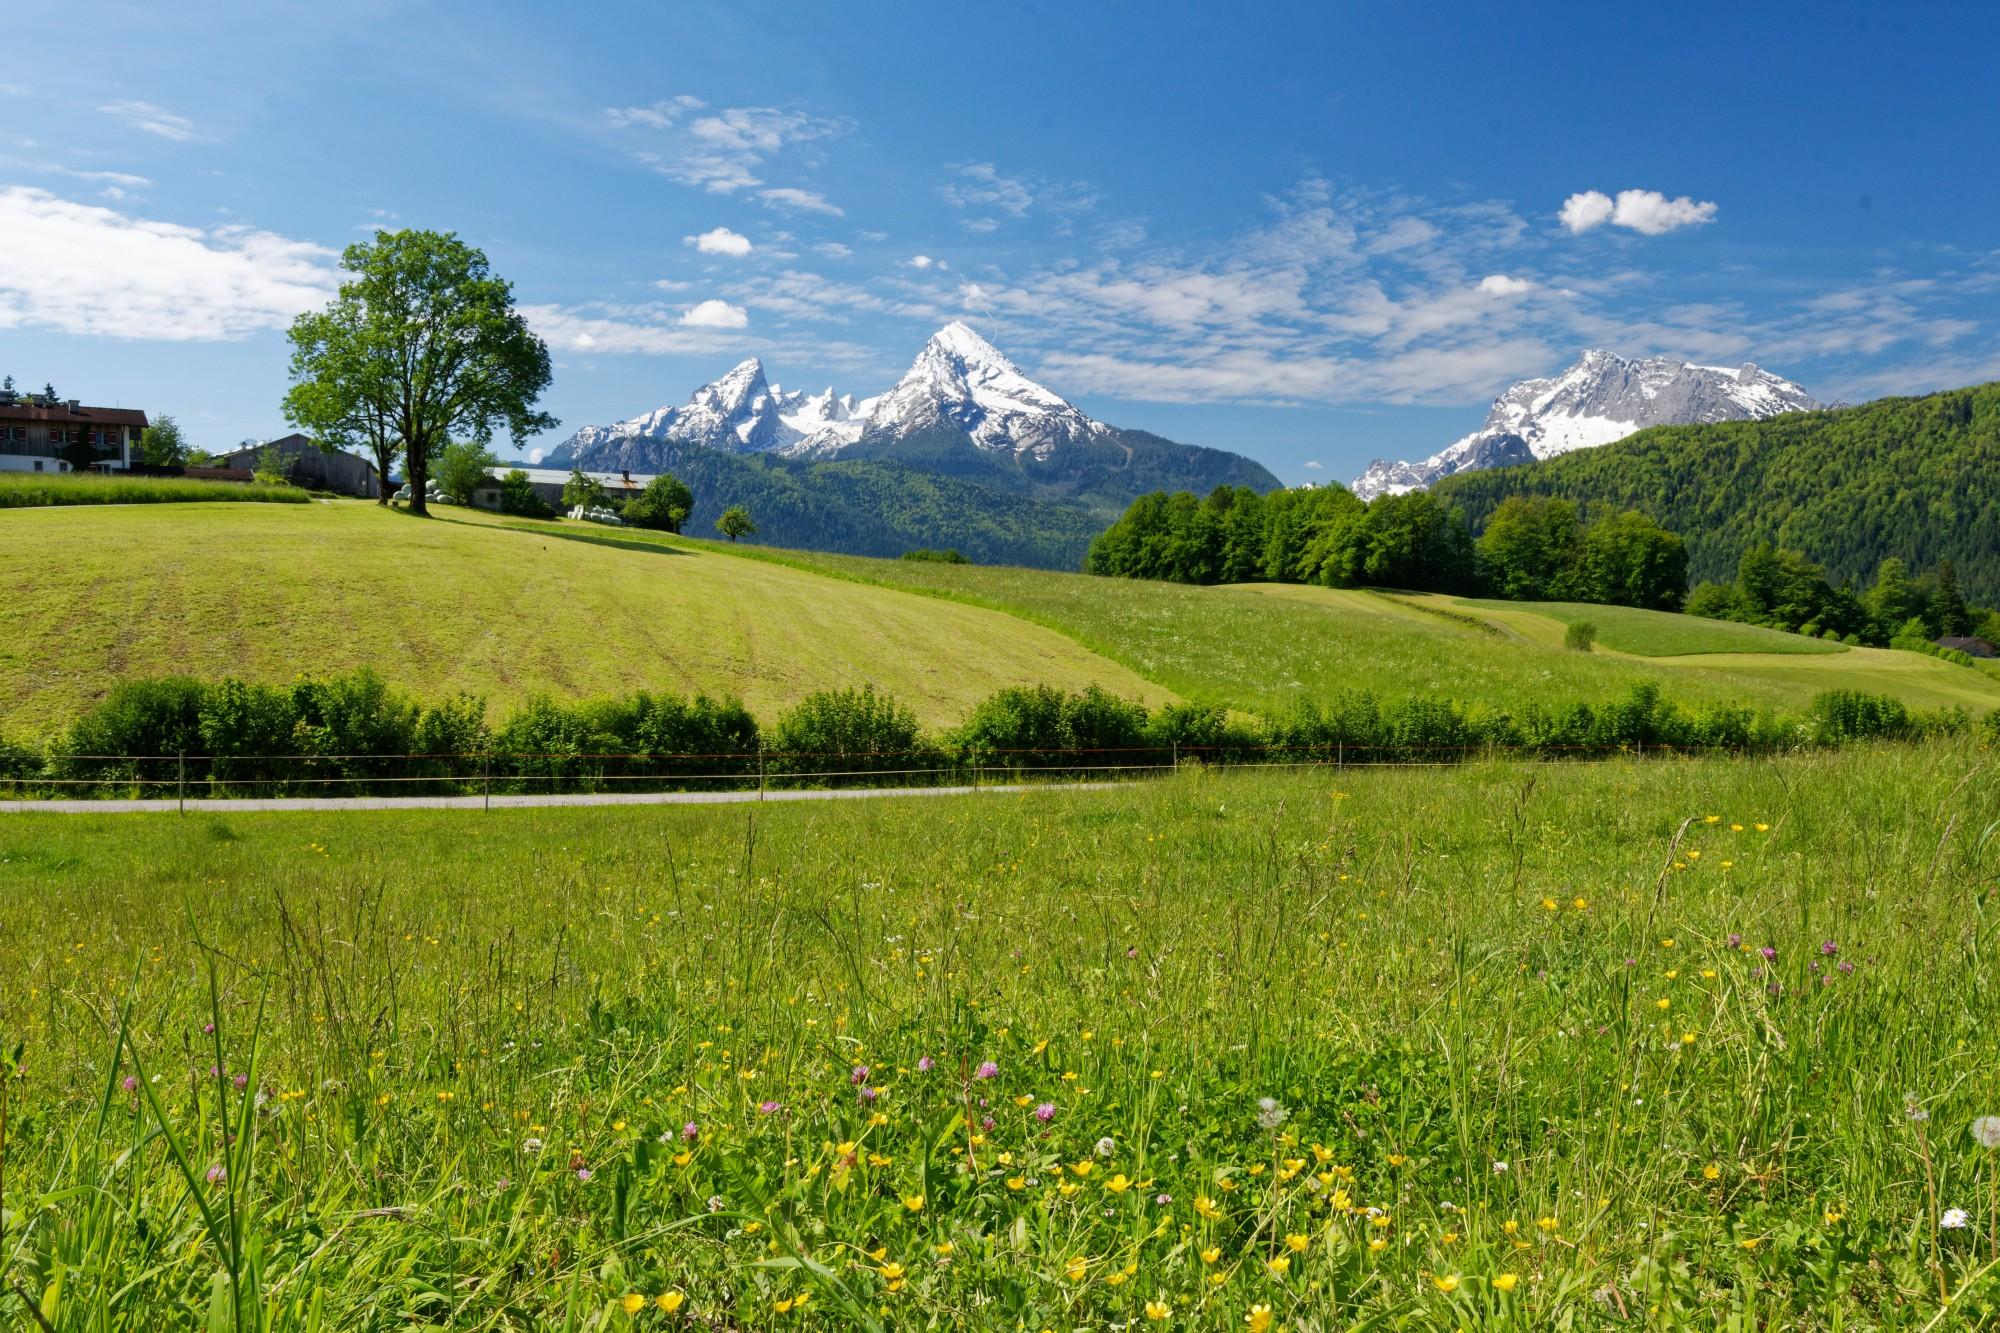 bayrische berglandschaft bei bischofswiesen 2021-06-14